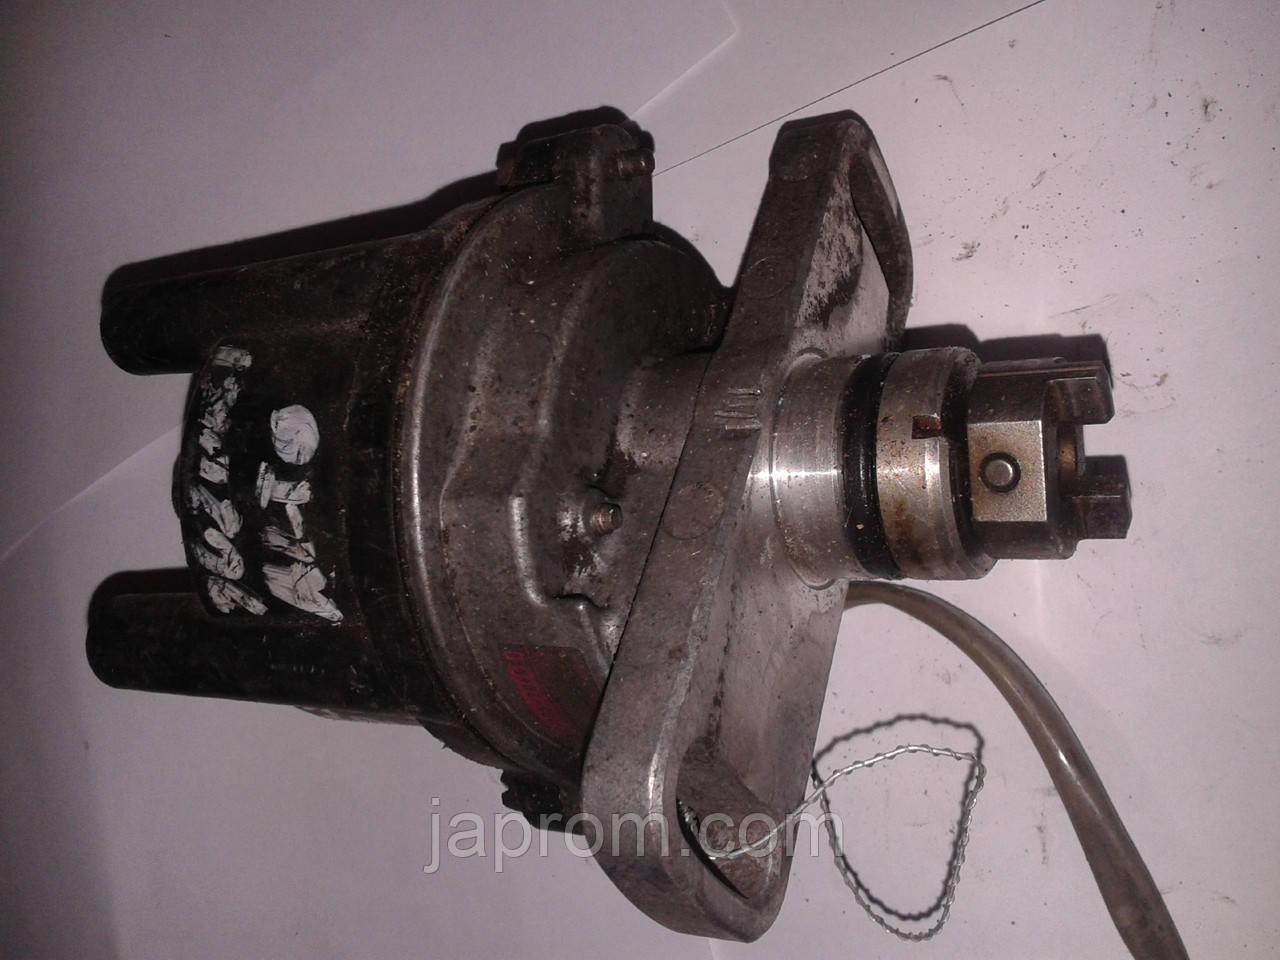 Распределитель (Трамблер) зажигания Suzuki Alto III 1.0 G10 Bj. 1994-2002 33100-70F5